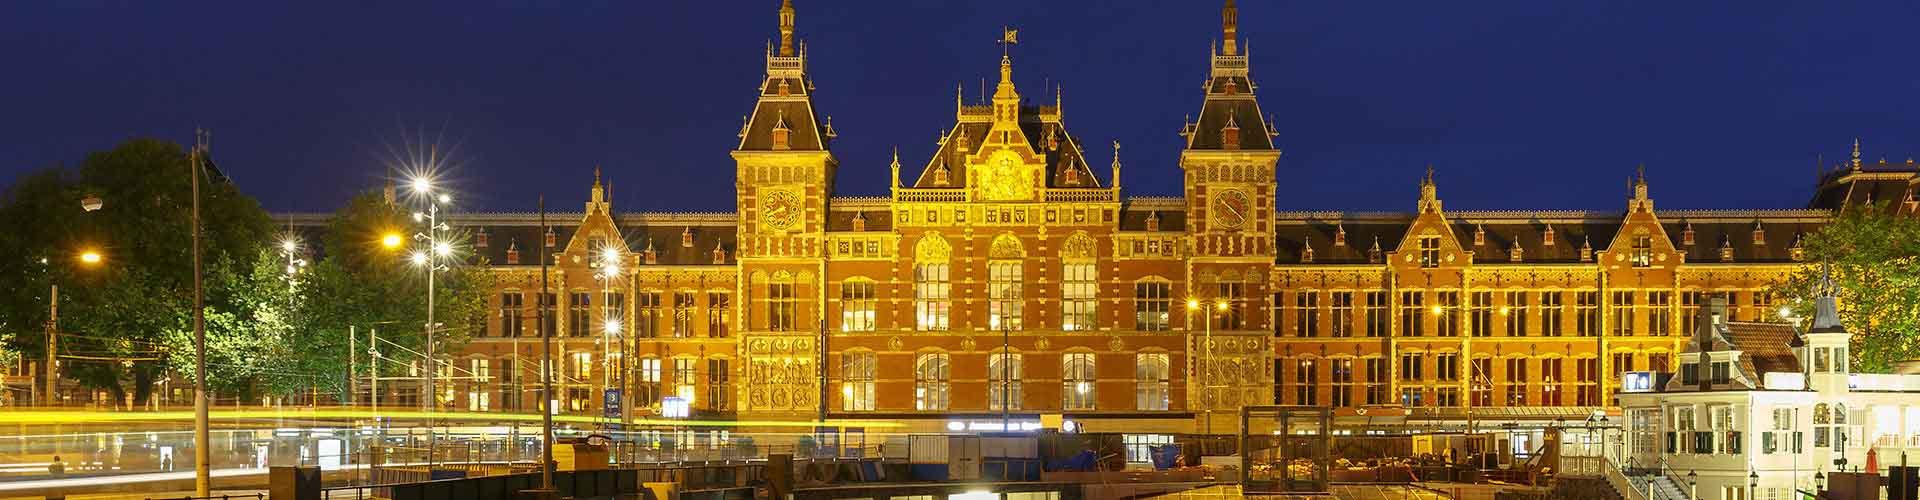 Amsterdam - Hostels nahe Amsterdam Hauptbahnhof. Amsterdam auf der Karte. Fotos und Bewertungen für jedes Hostel in Amsterdam.